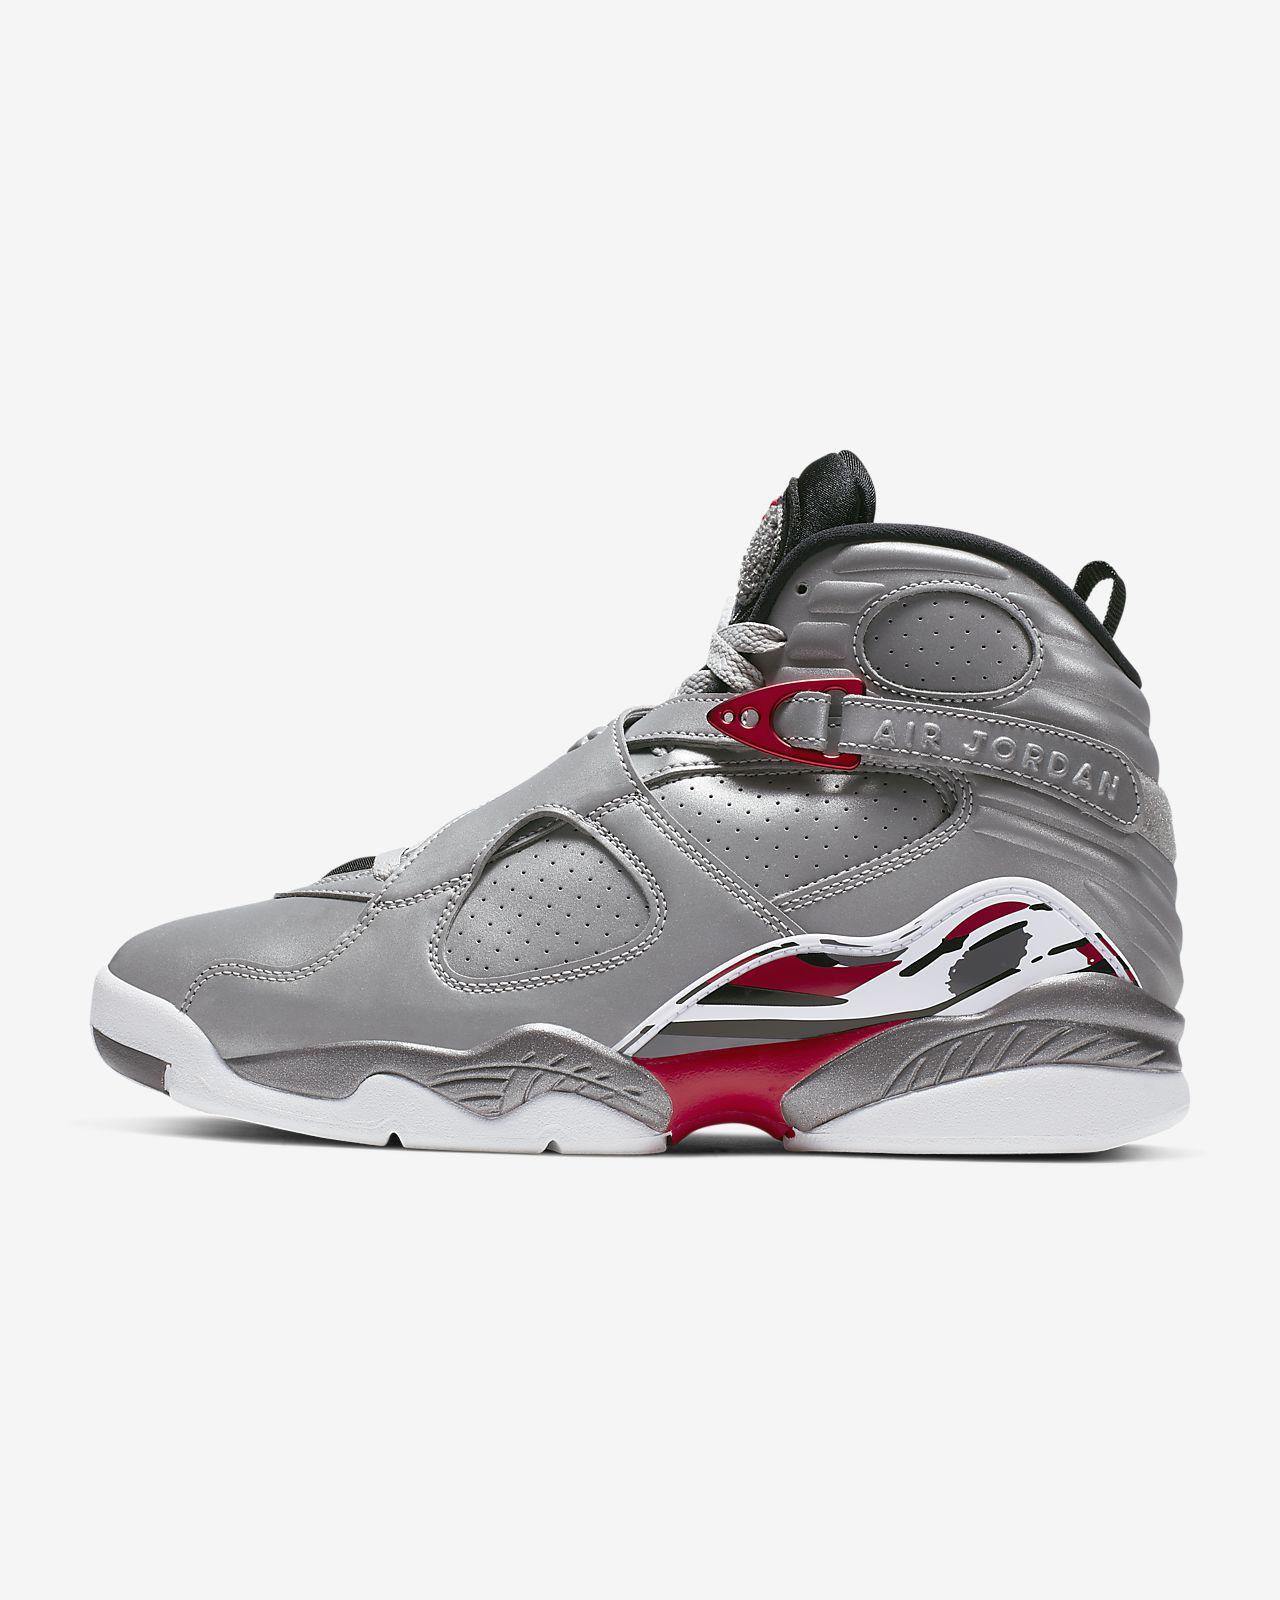 รองเท้าผู้ชาย Air Jordan 8 Retro